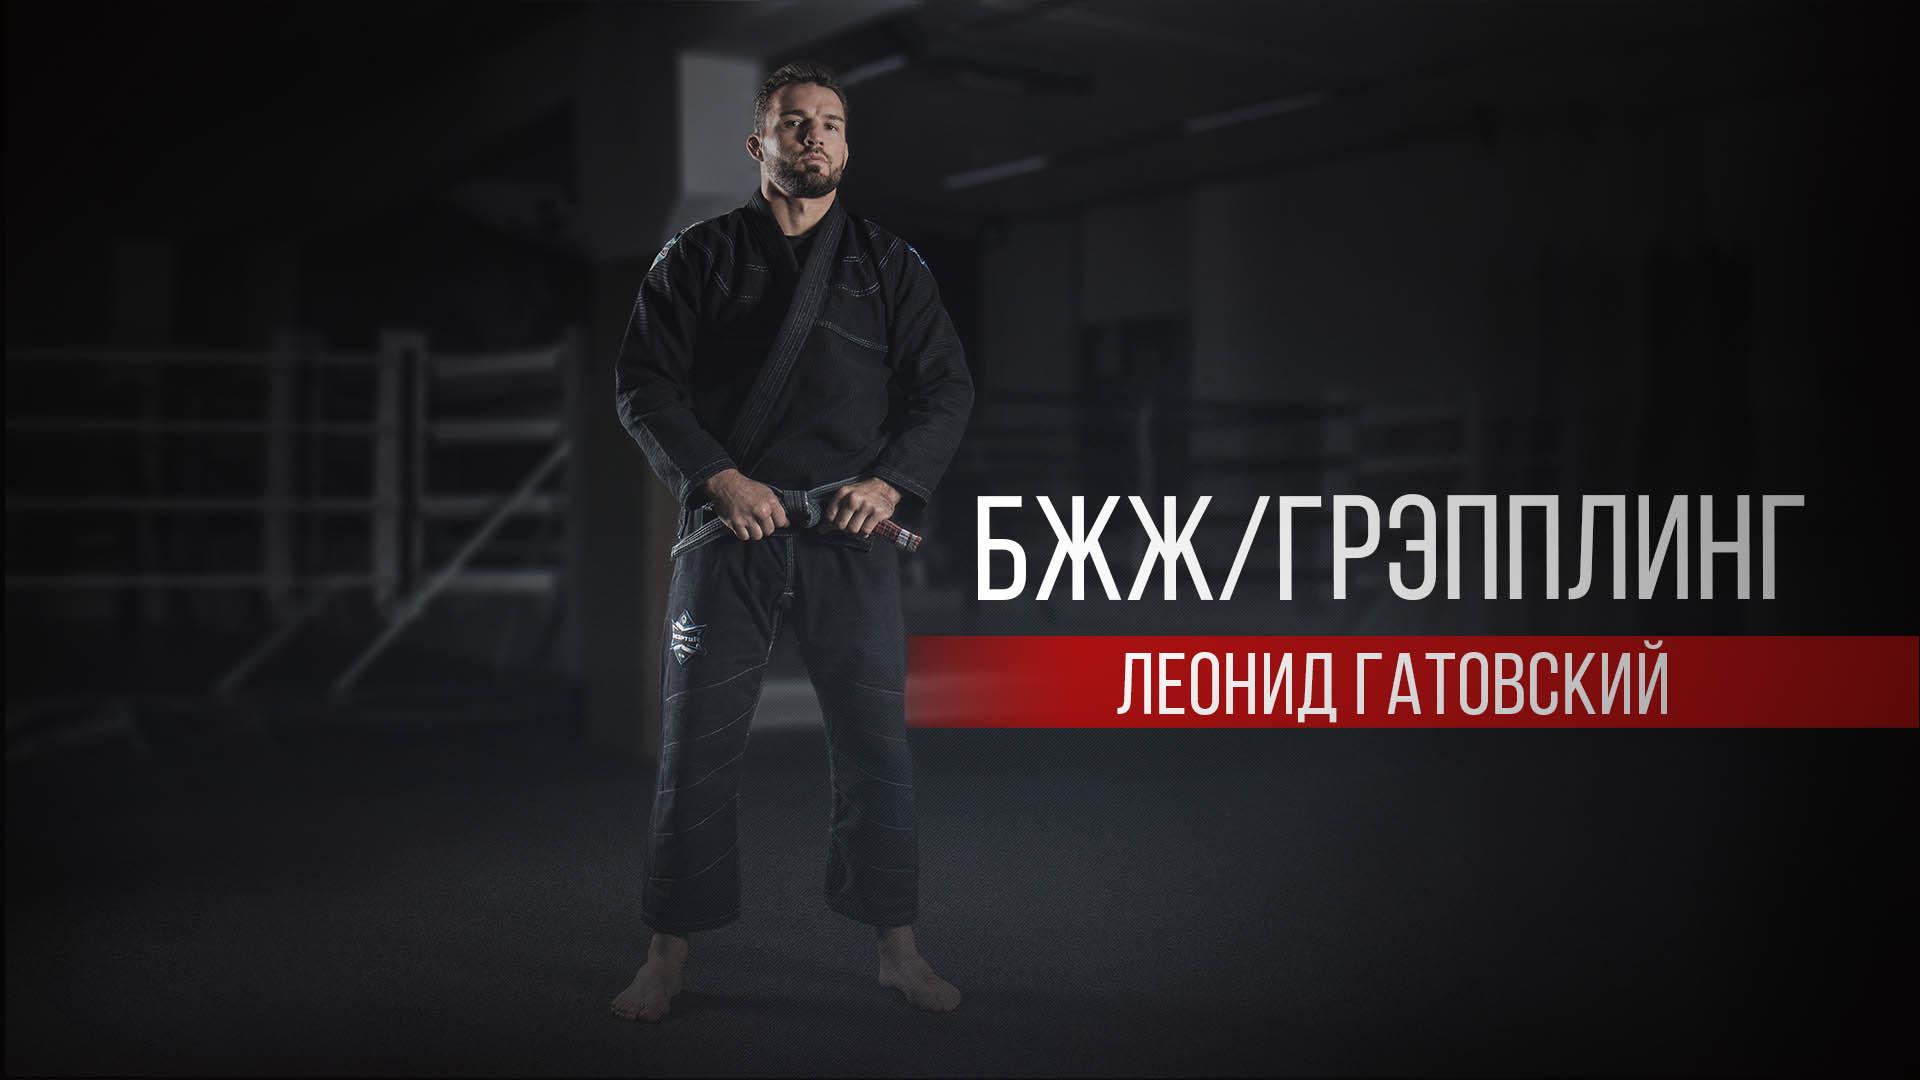 Гатовский